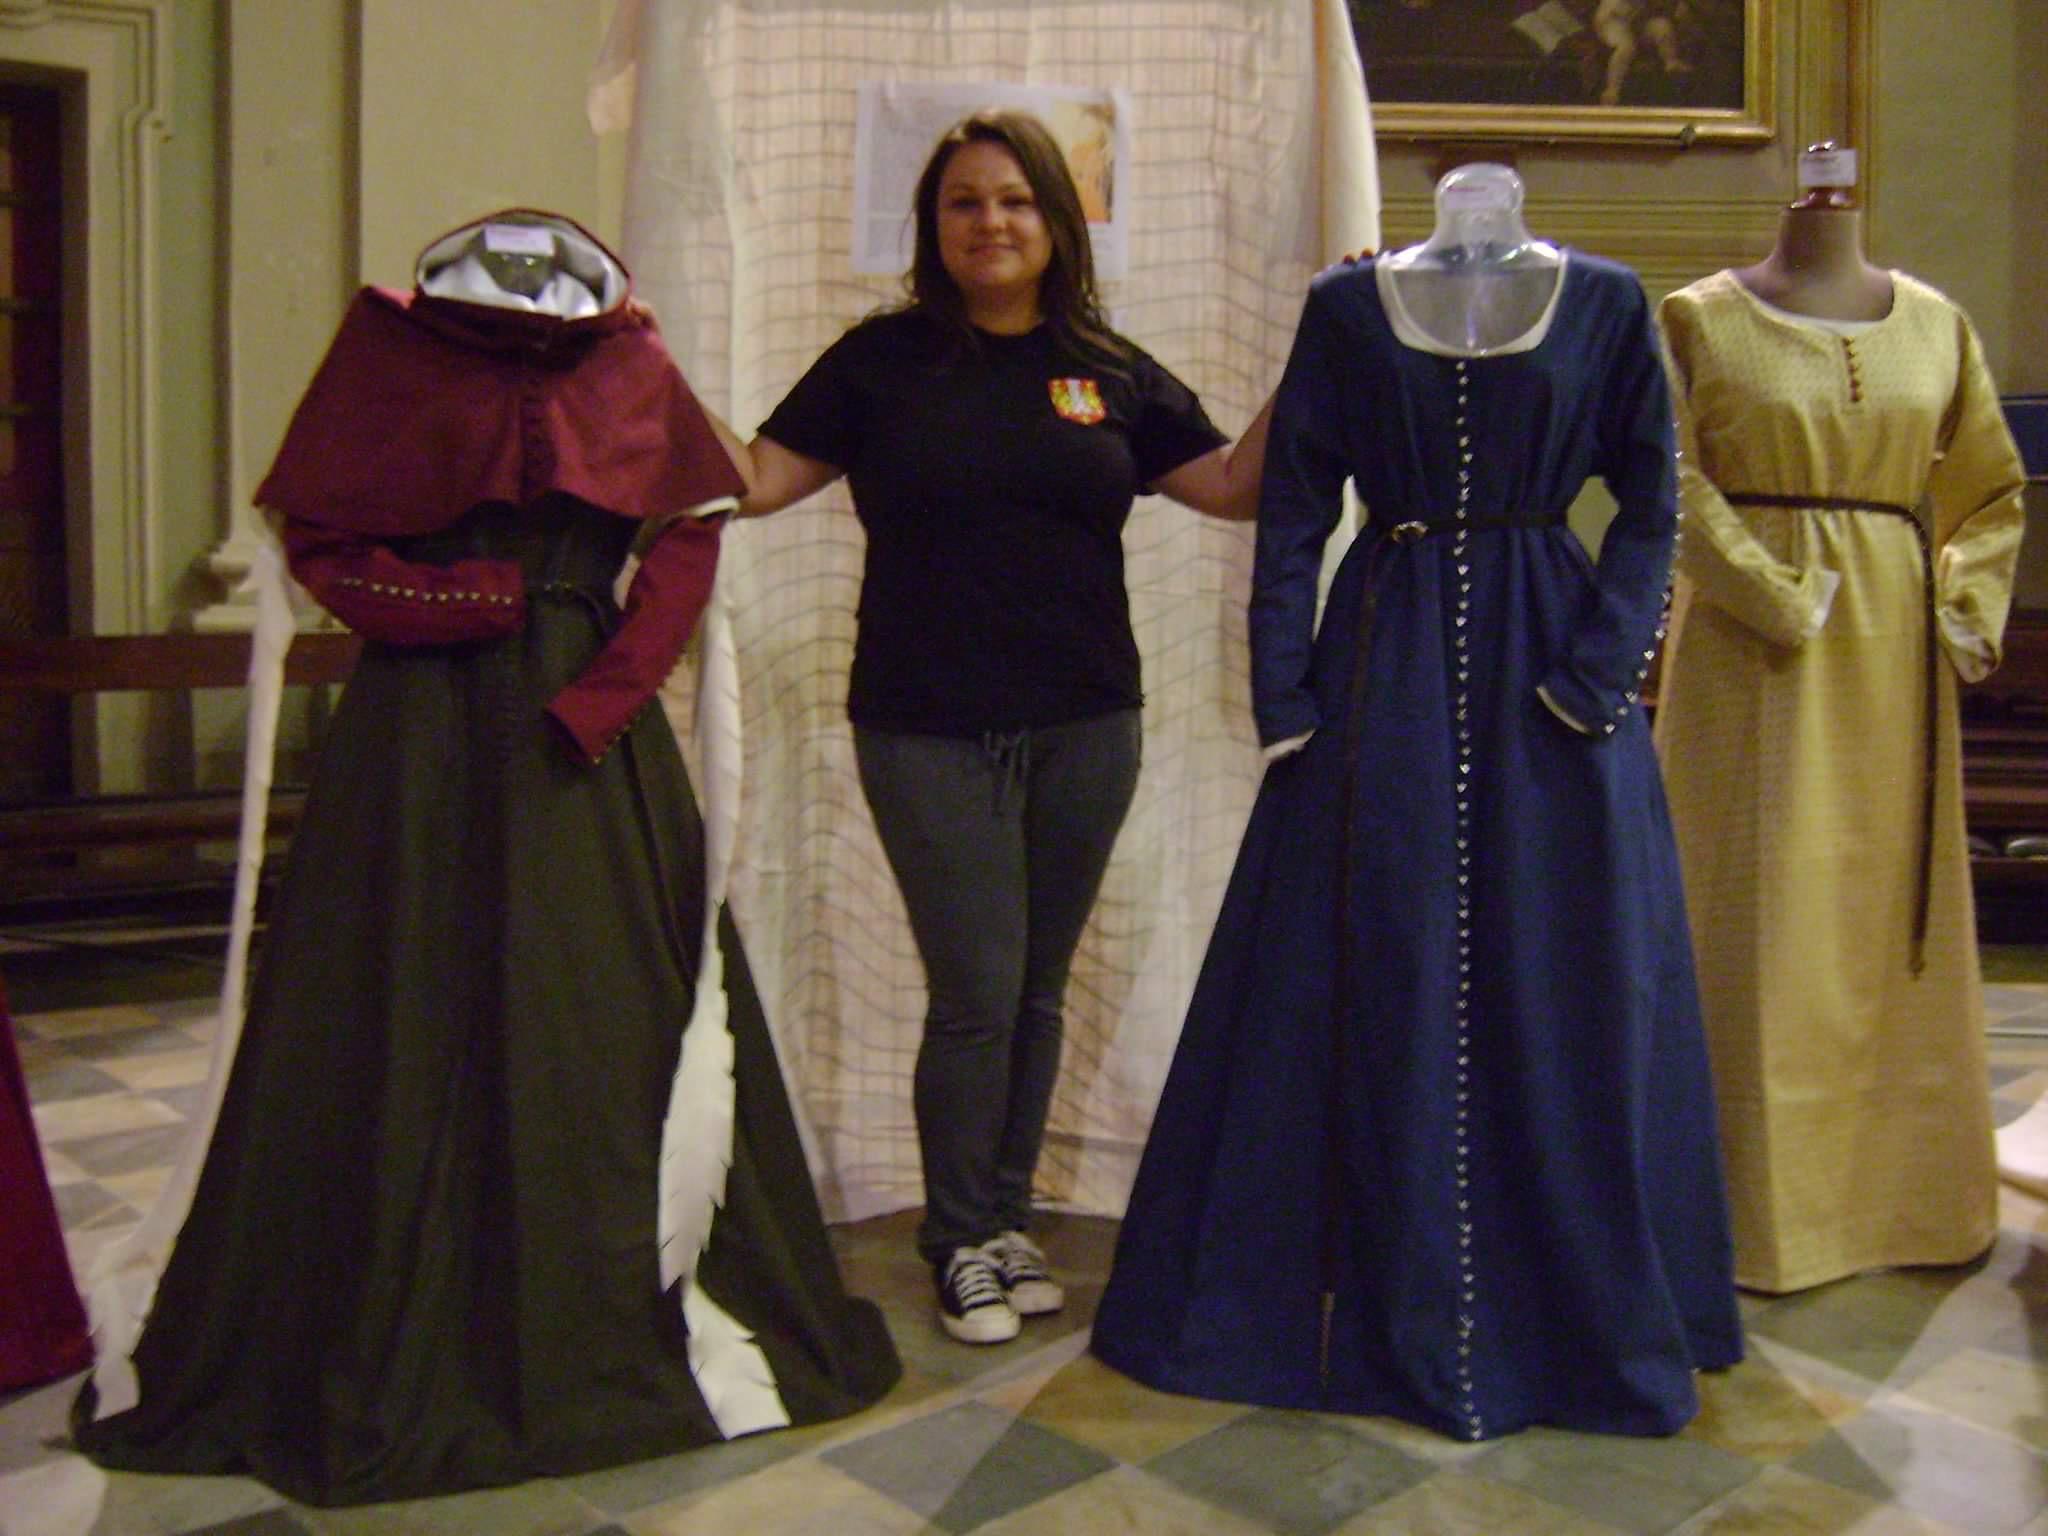 new arrivals 1e3e7 629ed La moda femminile in Piemonte dal 1300 al 1450 | Vestioevo